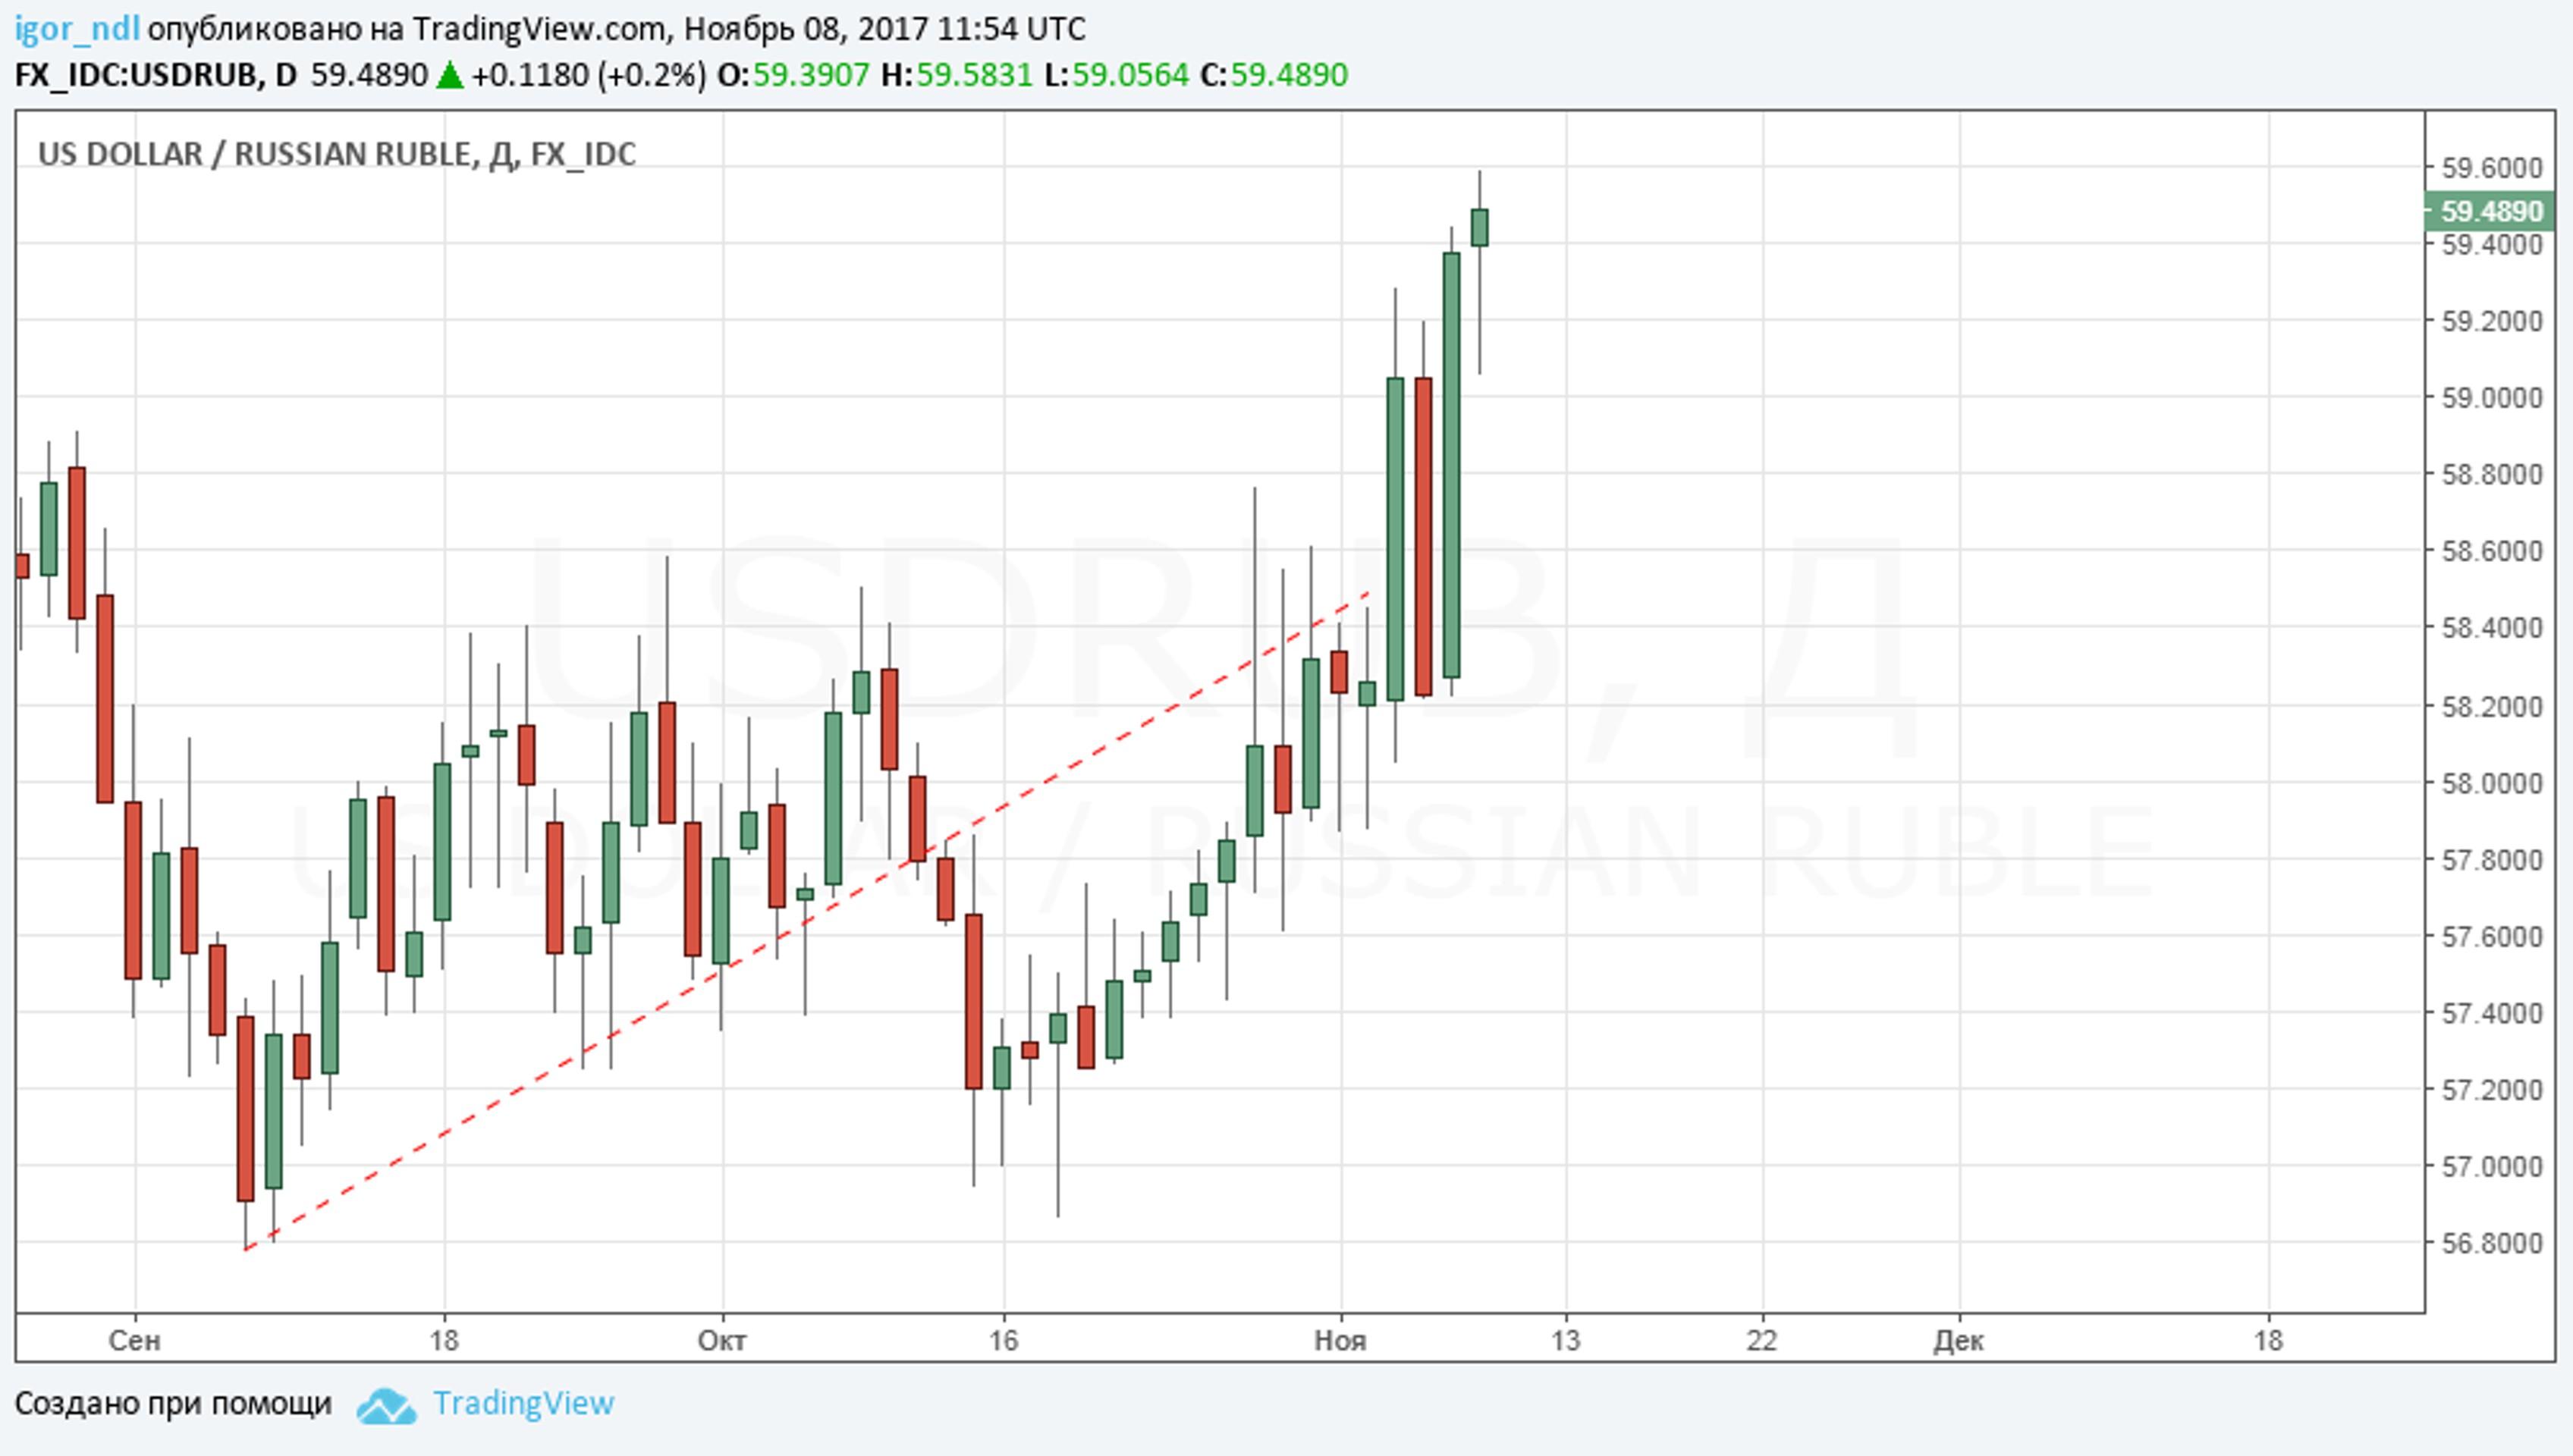 Станет ли слабый рубль помехой для Минфина?